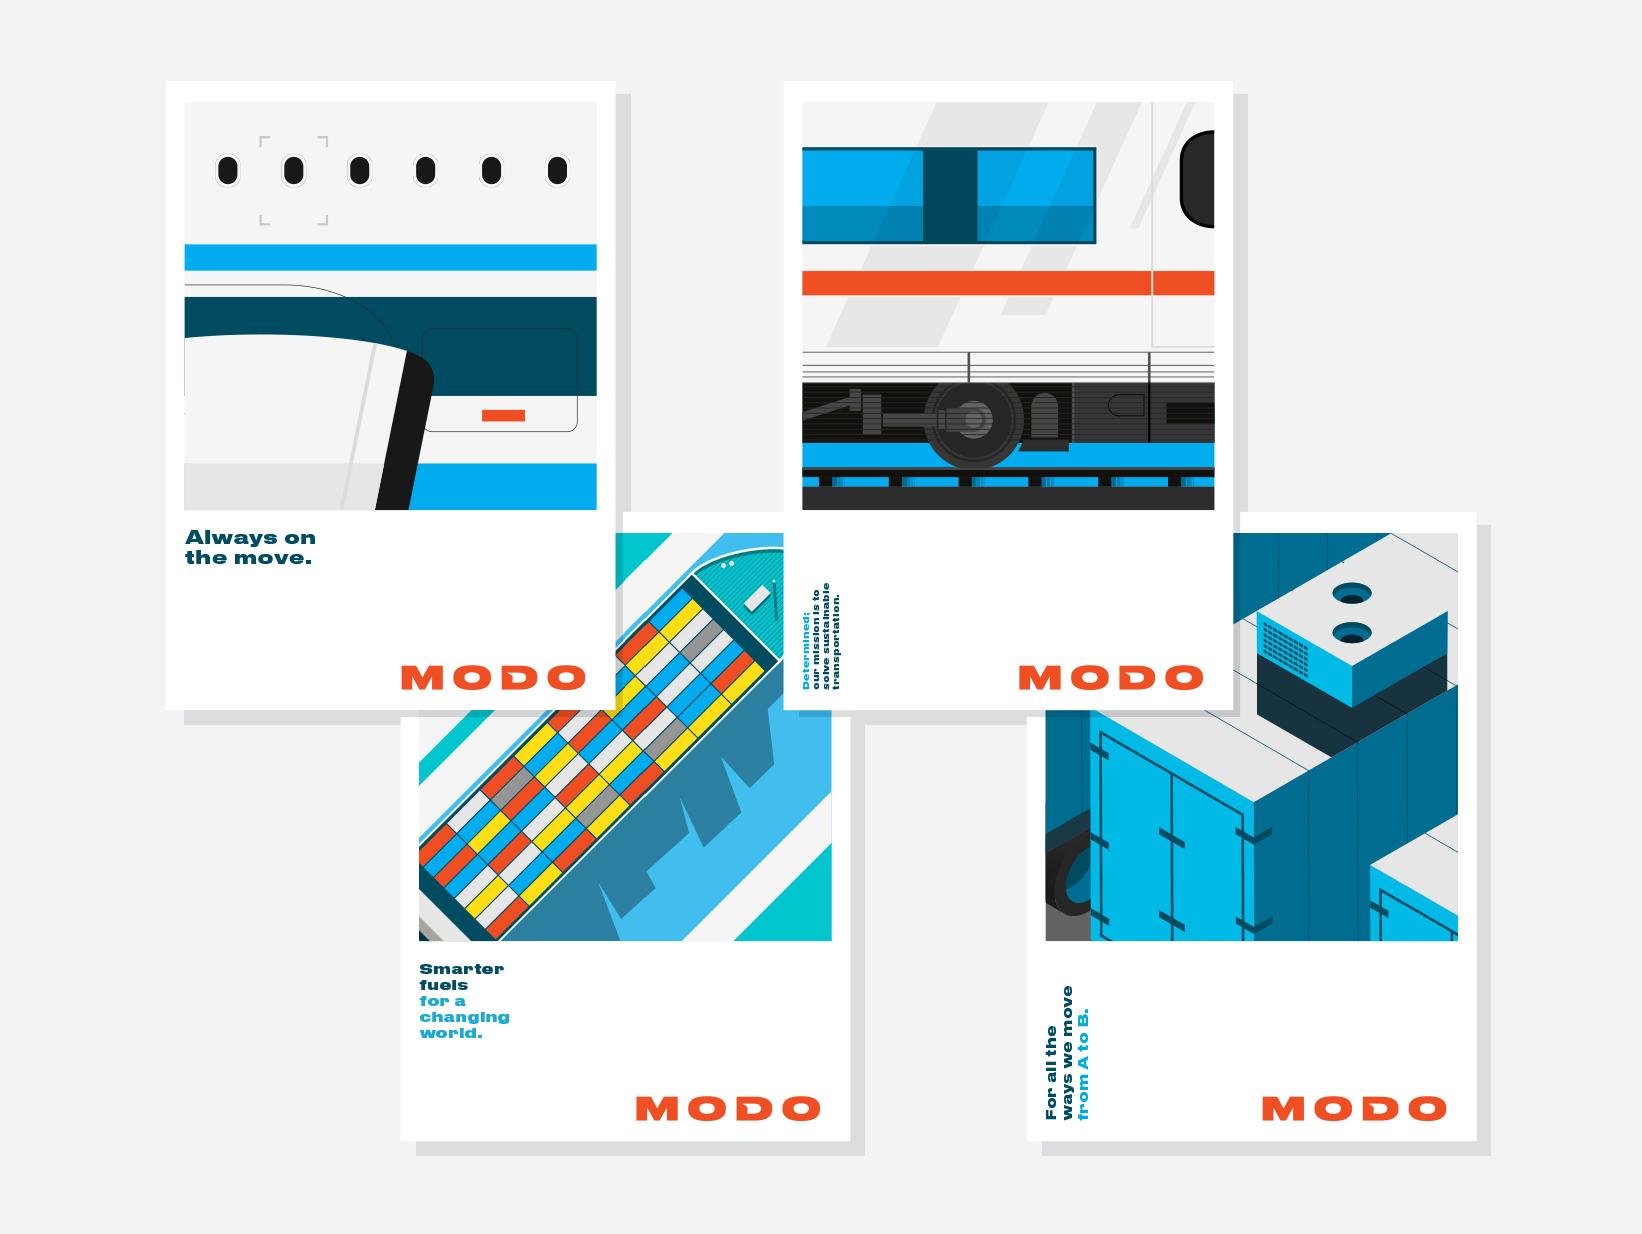 Modo-Brand-04.jpg